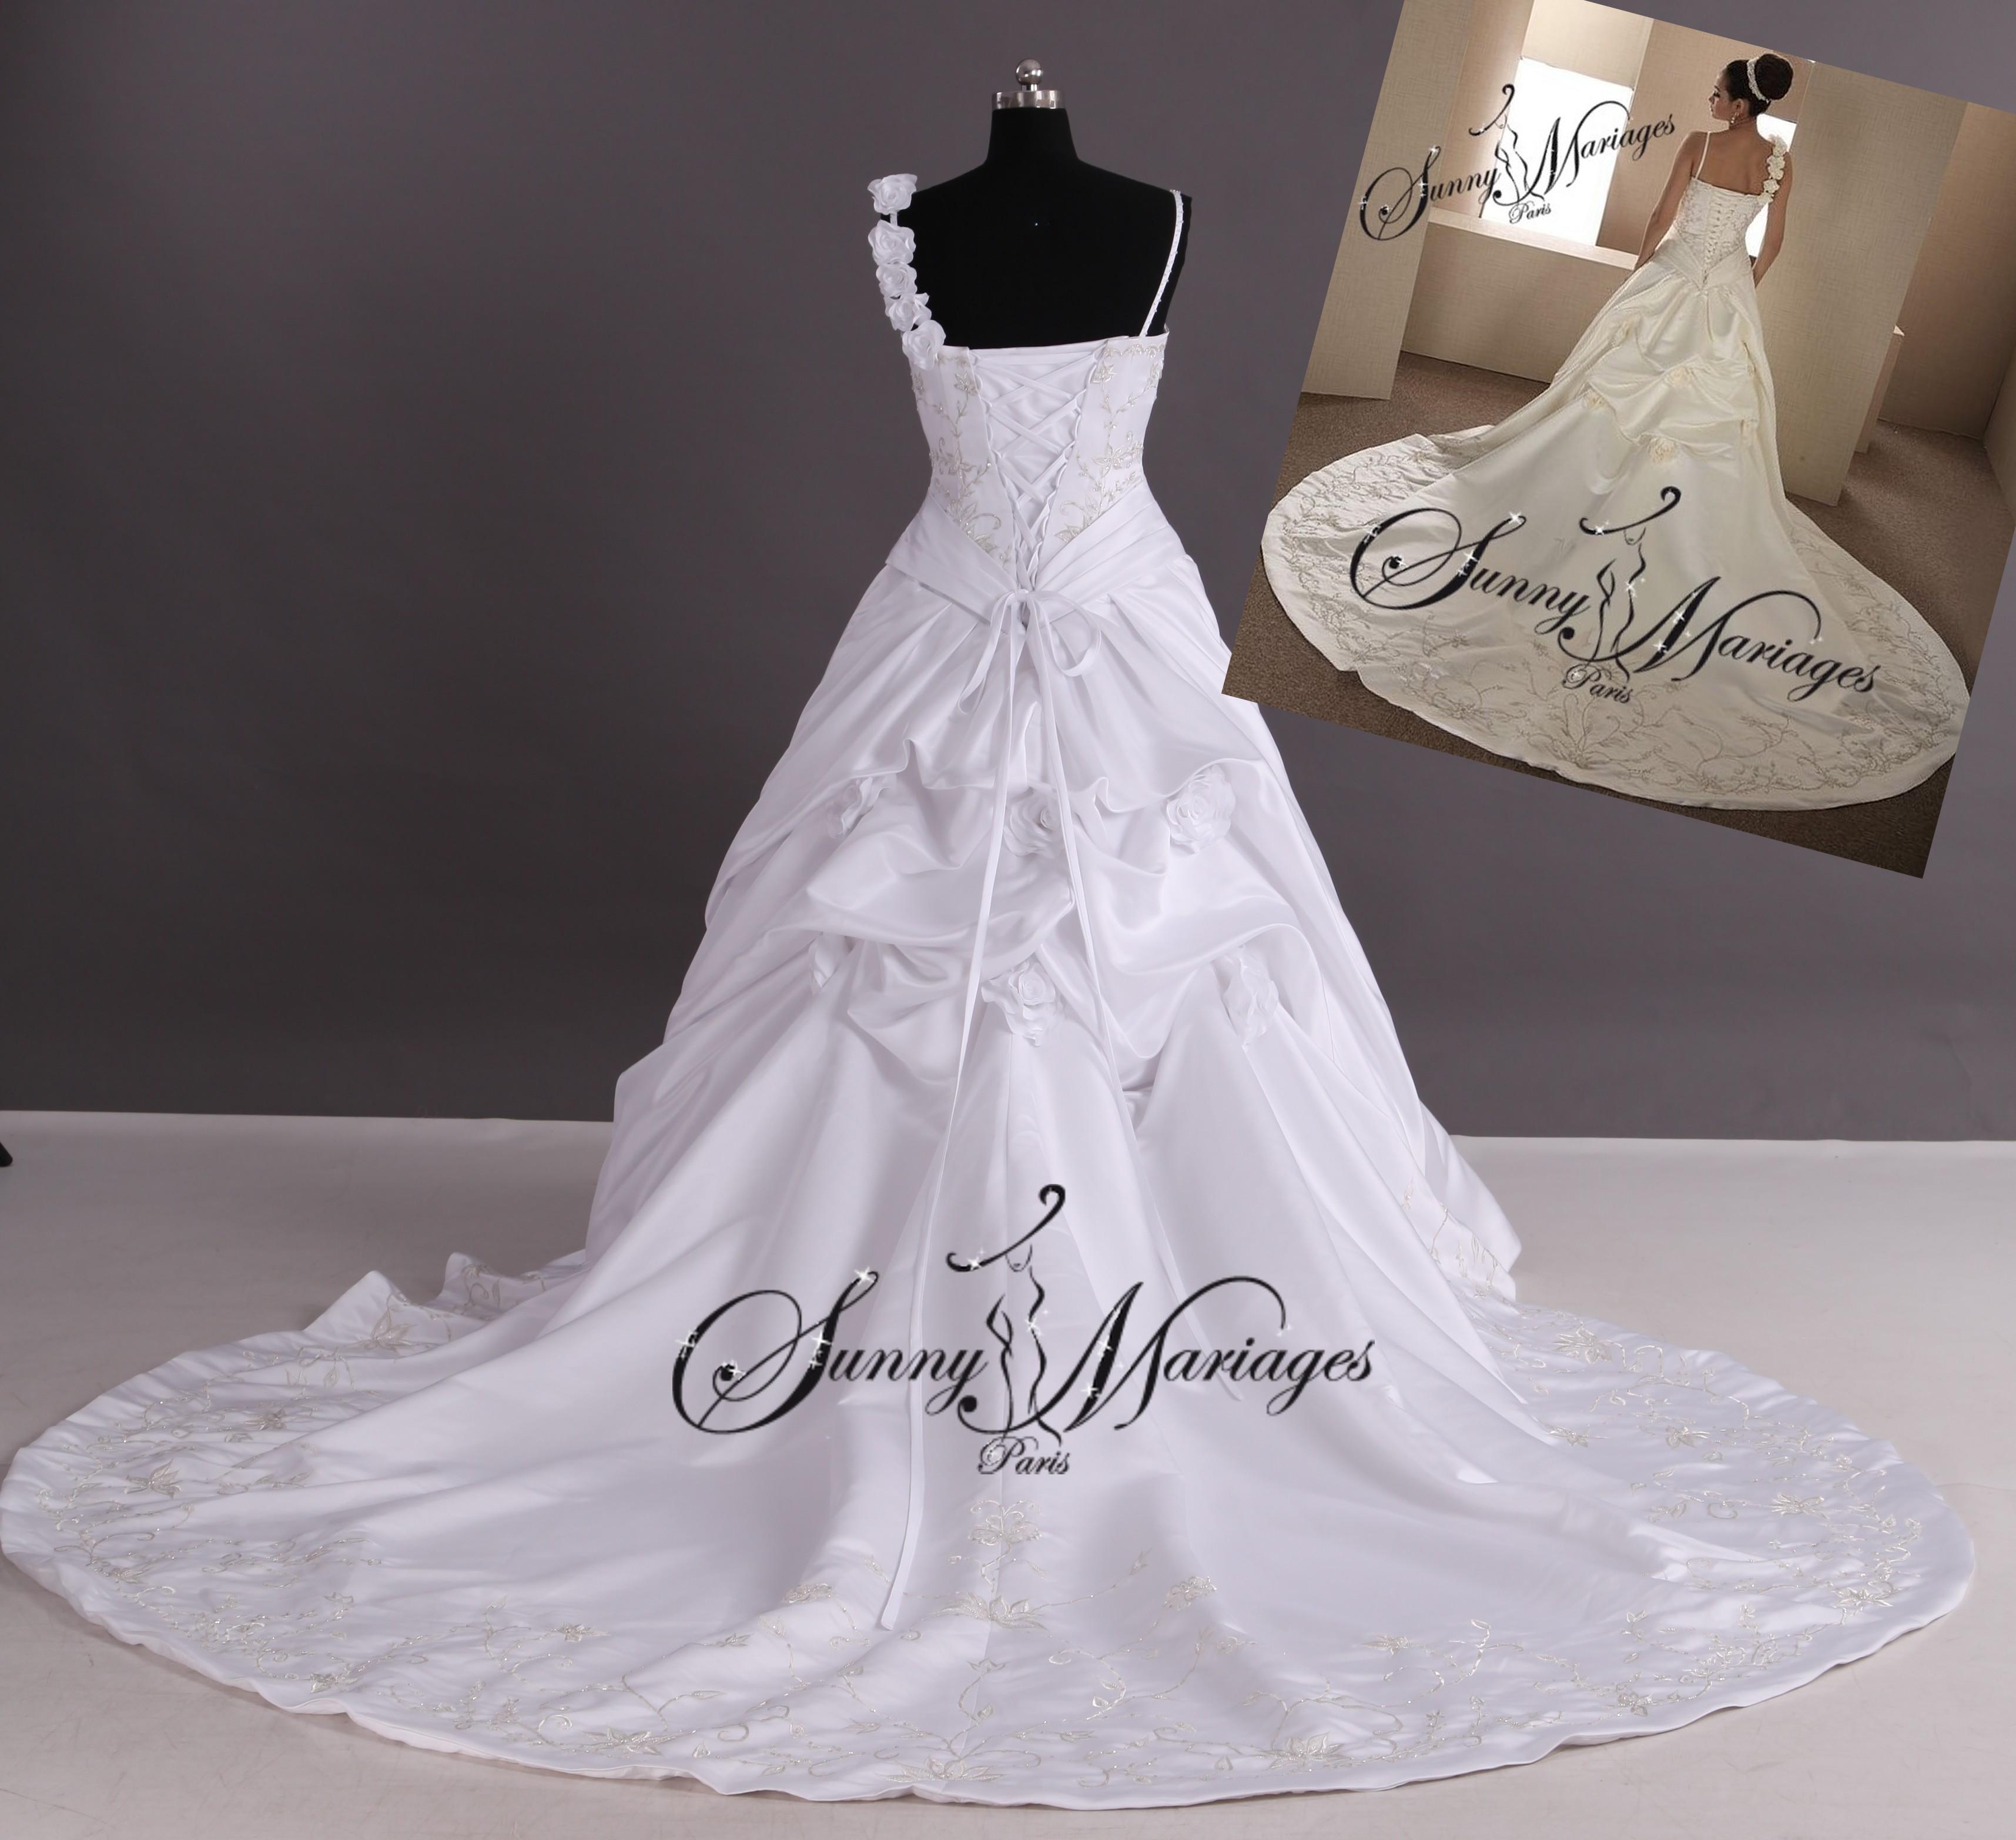 robe du mariage princesse sissi bustier brodé argent et dentelle sur  mesures possibilité grandes tailles